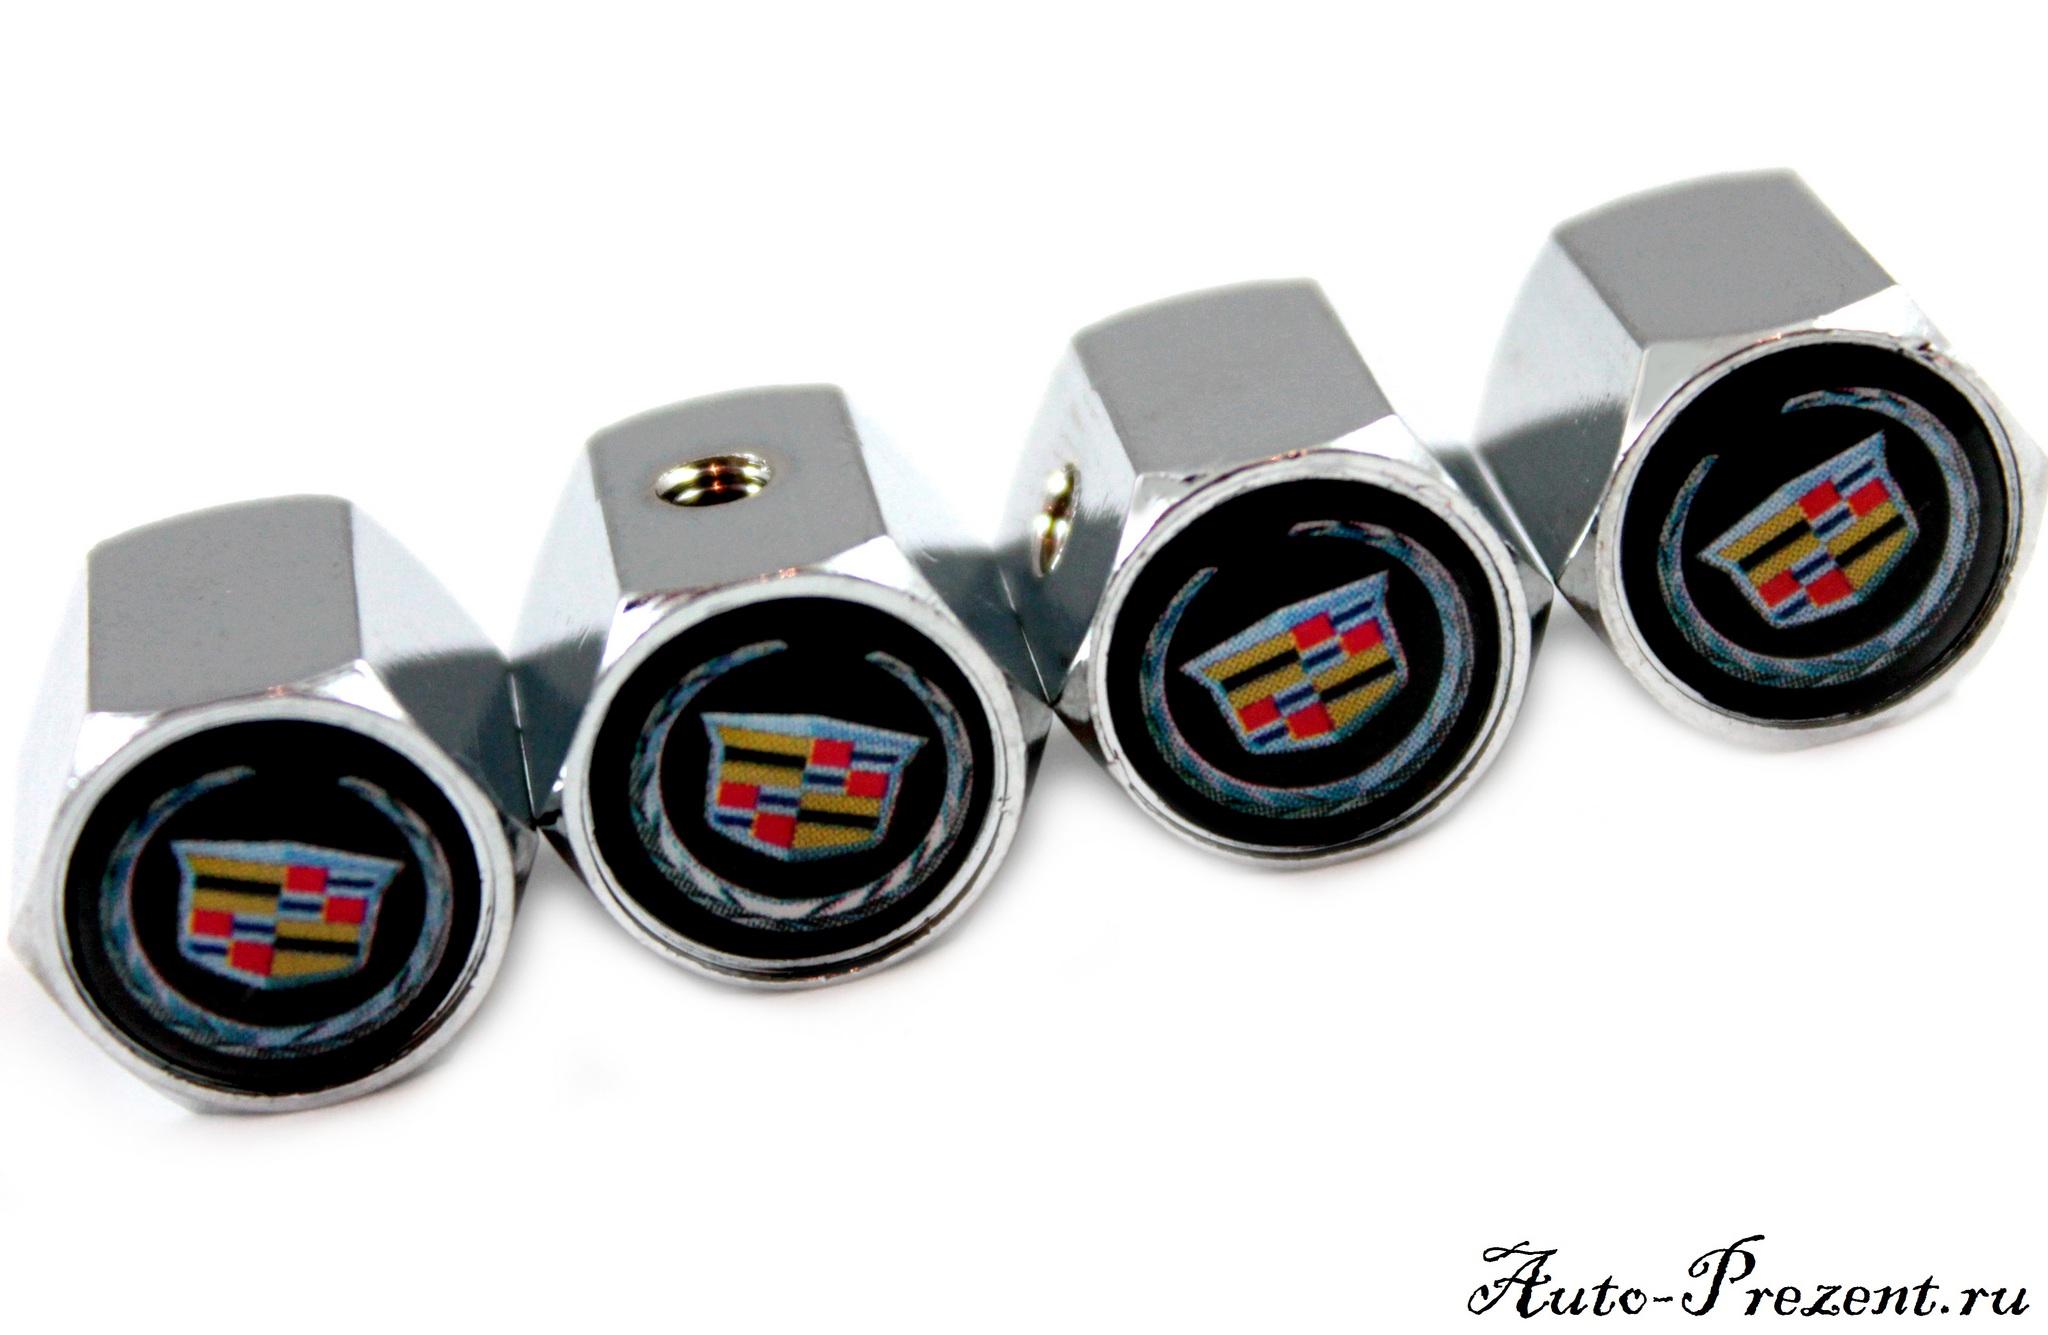 Колпачки на ниппель CADILLAC с защитой от кражи